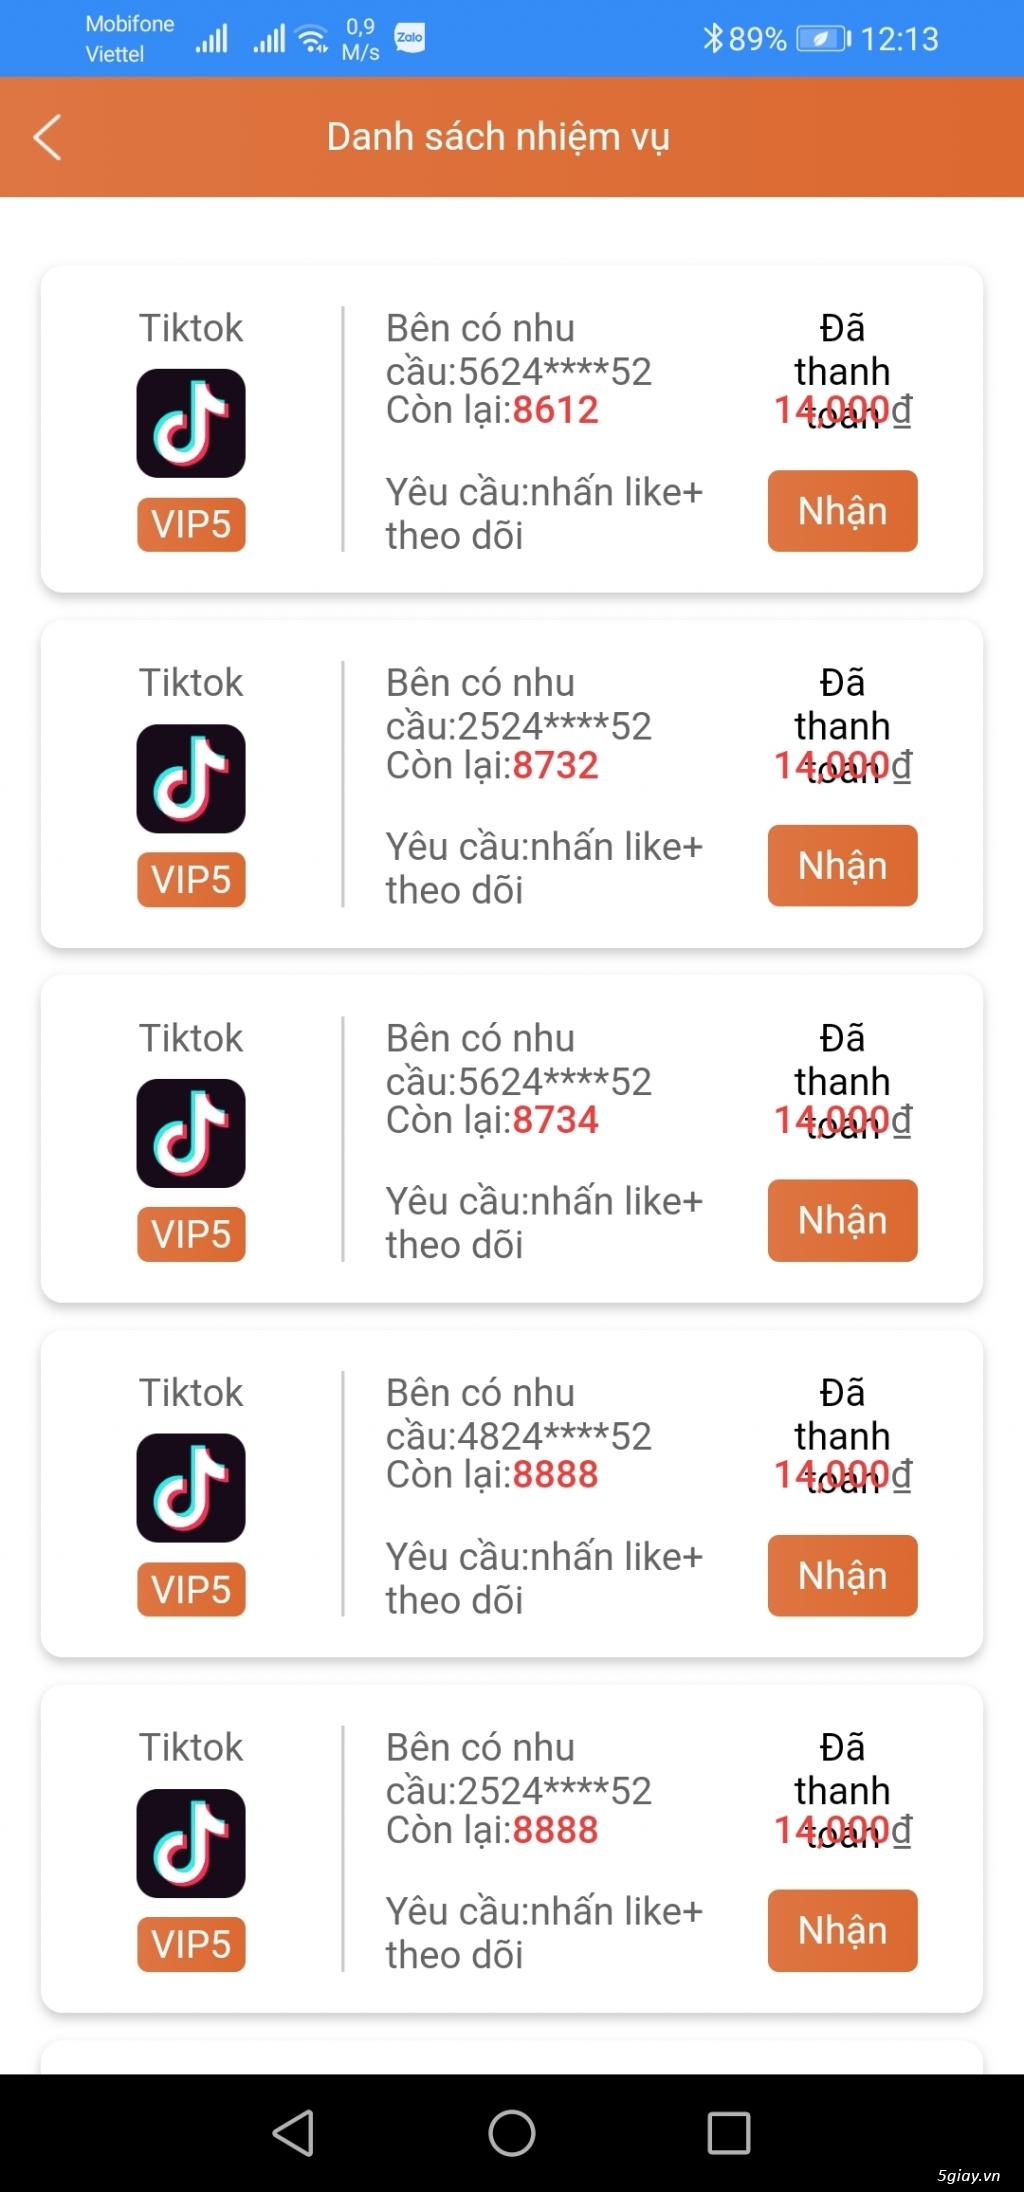 Kiếm Tiền Online Tại Nhà Xem Qc Tiktok 1h 300K - 3